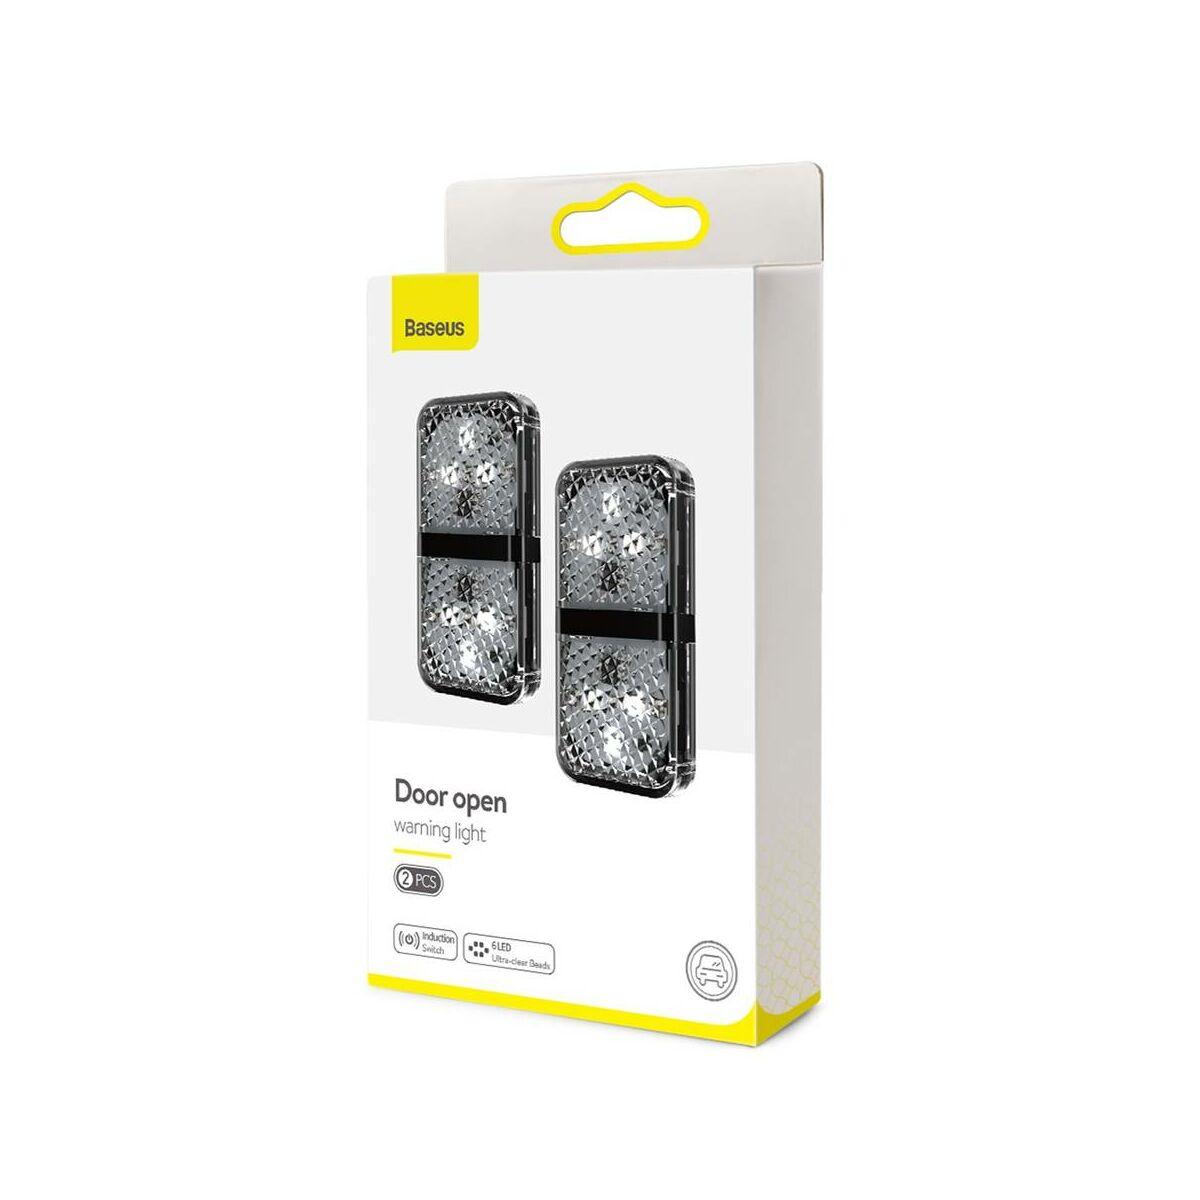 Baseus autós kiegészítő, nyitott ajtó fény visszajelző (2db / csomag), fekete (CRFZD-01)